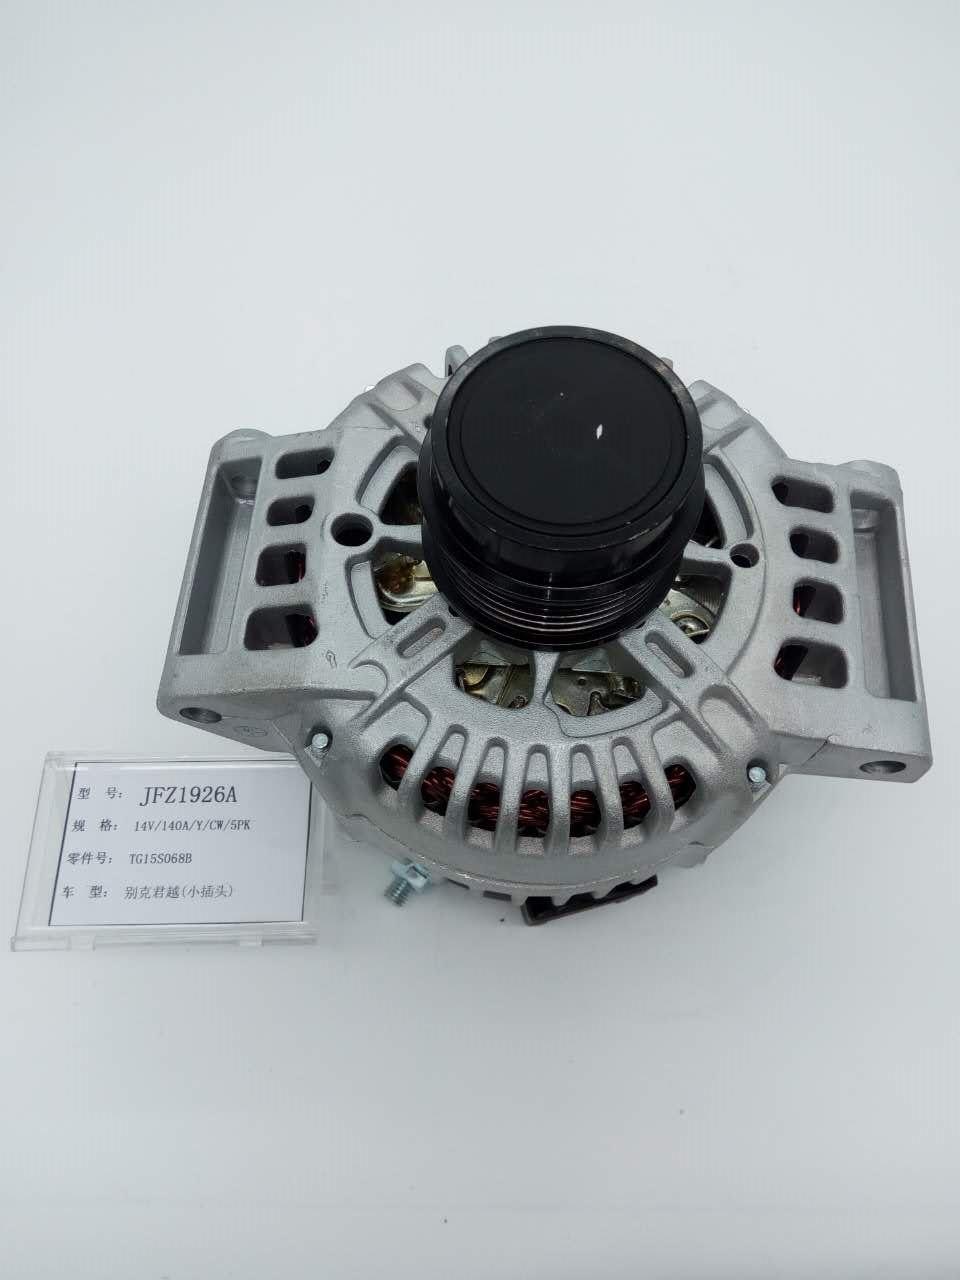 别克君越发电机法雷奥140A小插头,TG15S068B